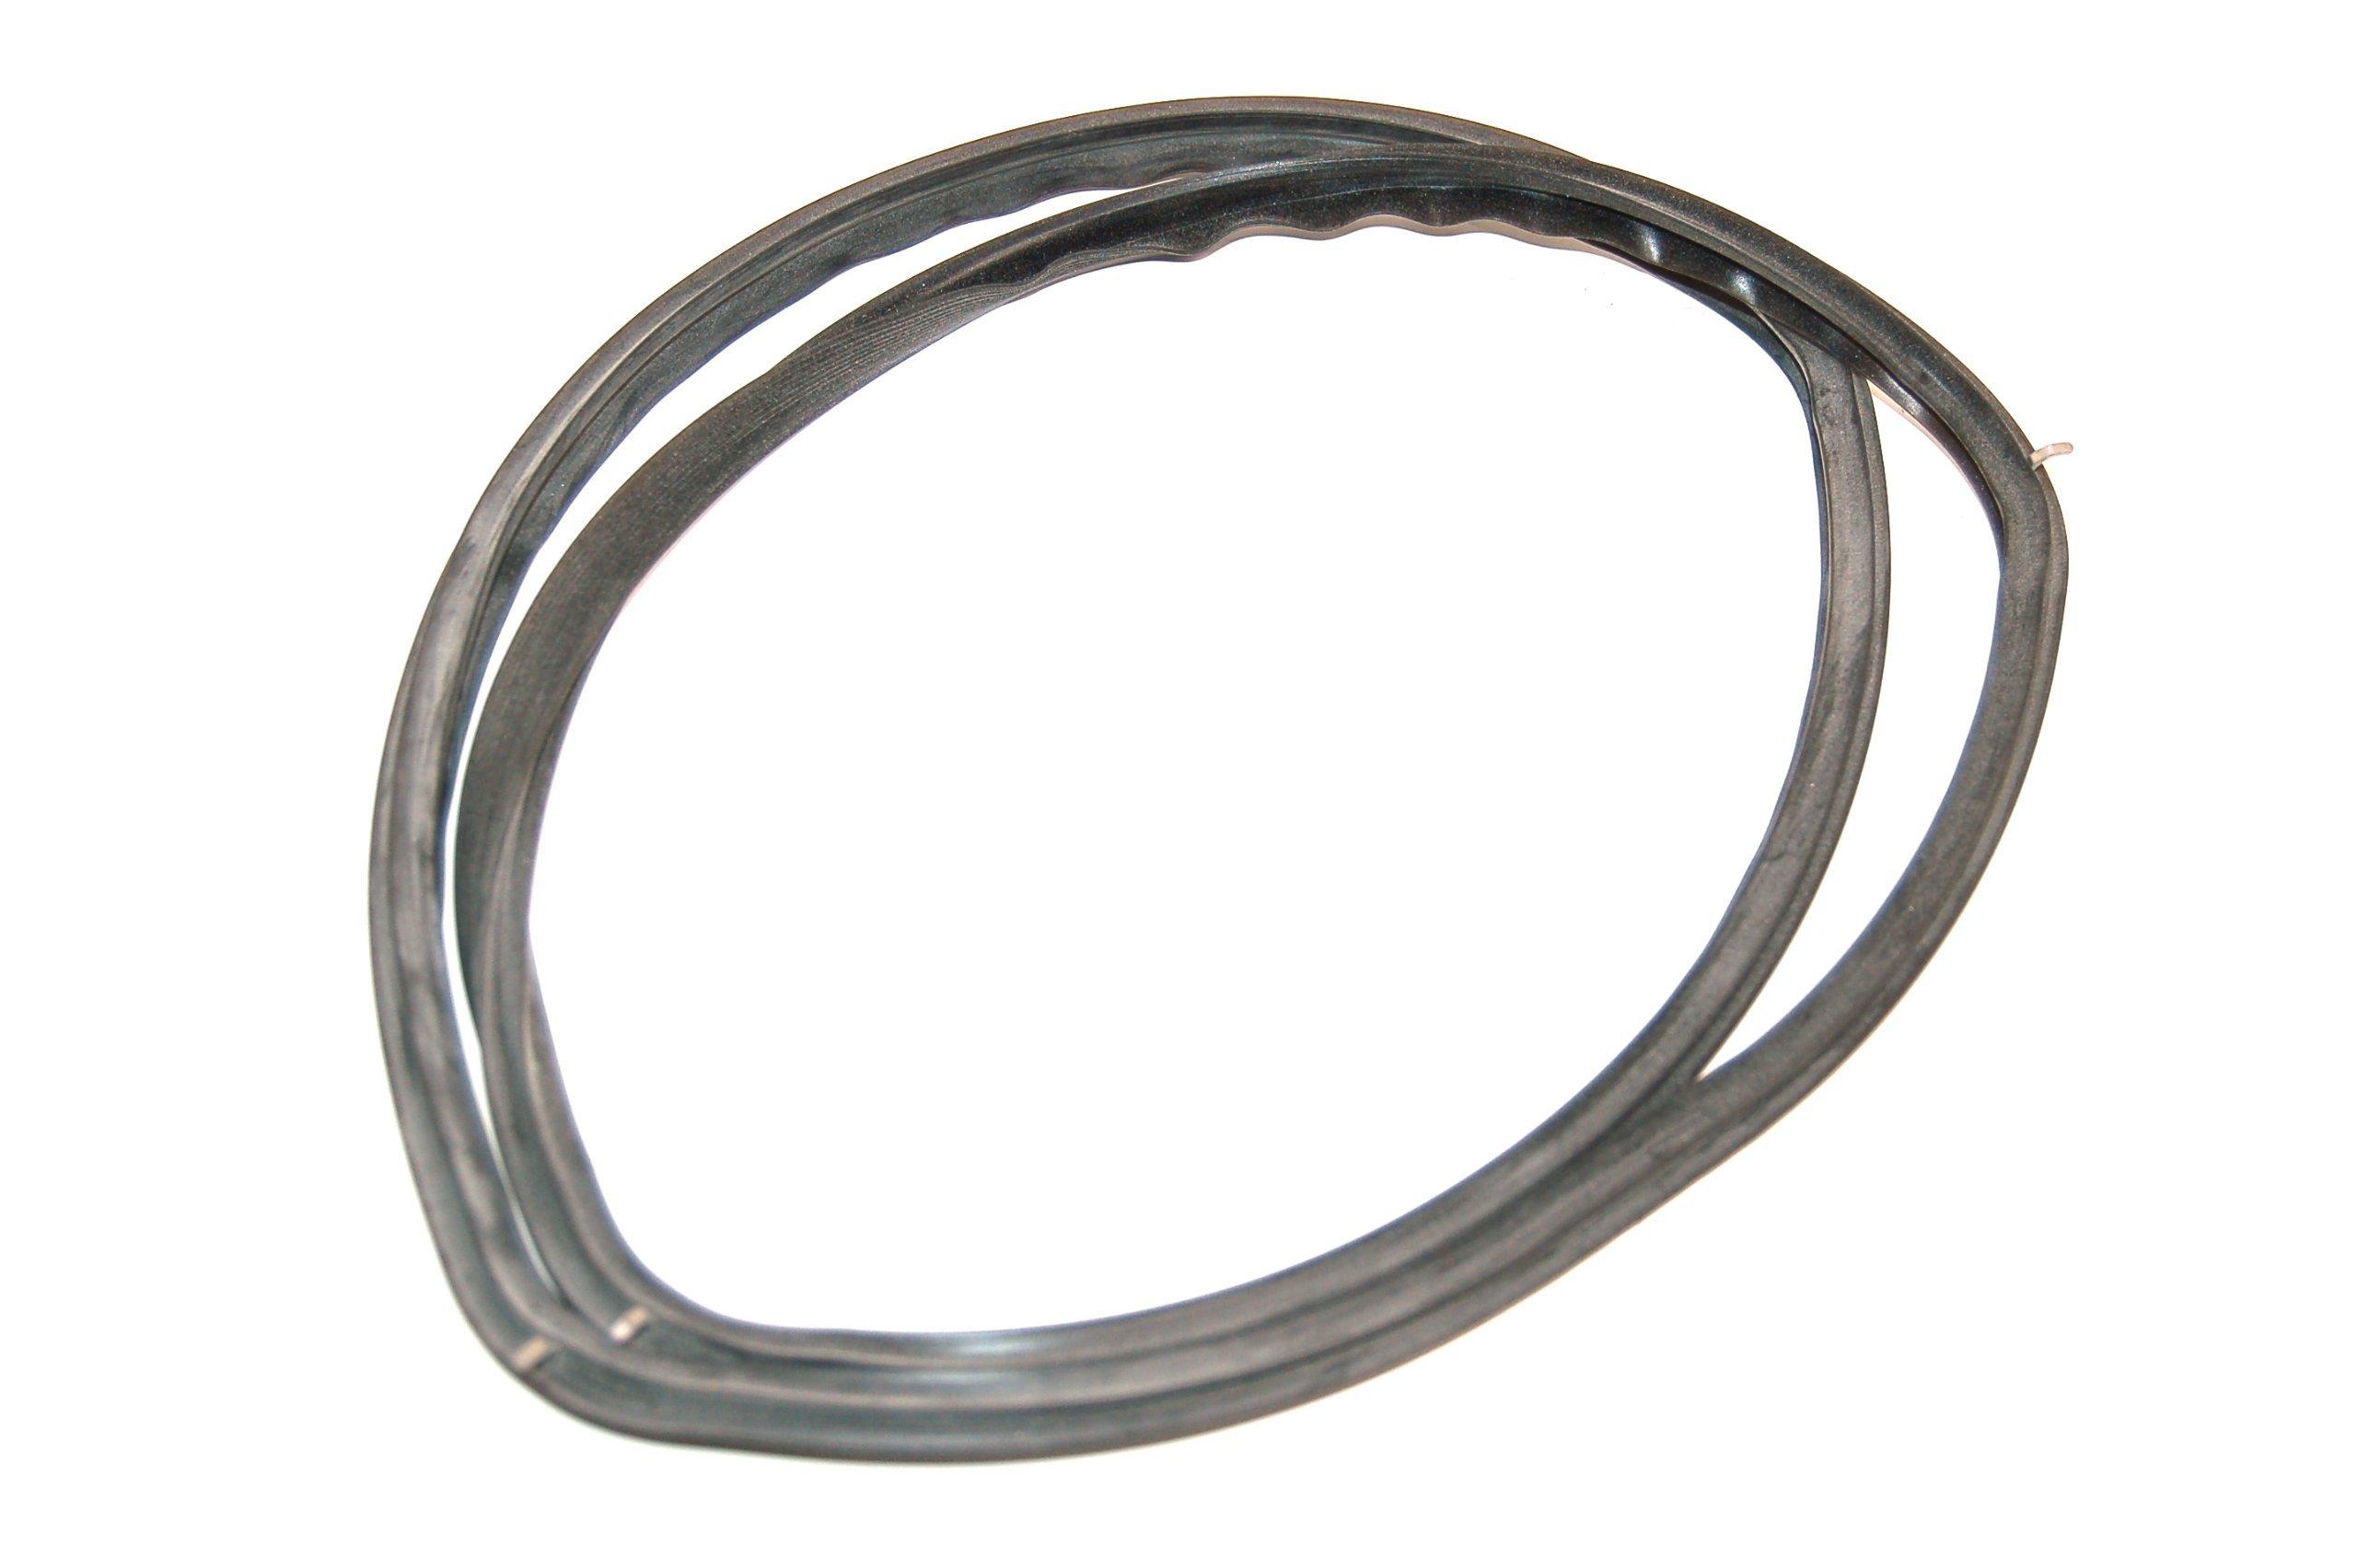 Aeg Oven Cooker Door Seal - part number 3871945105